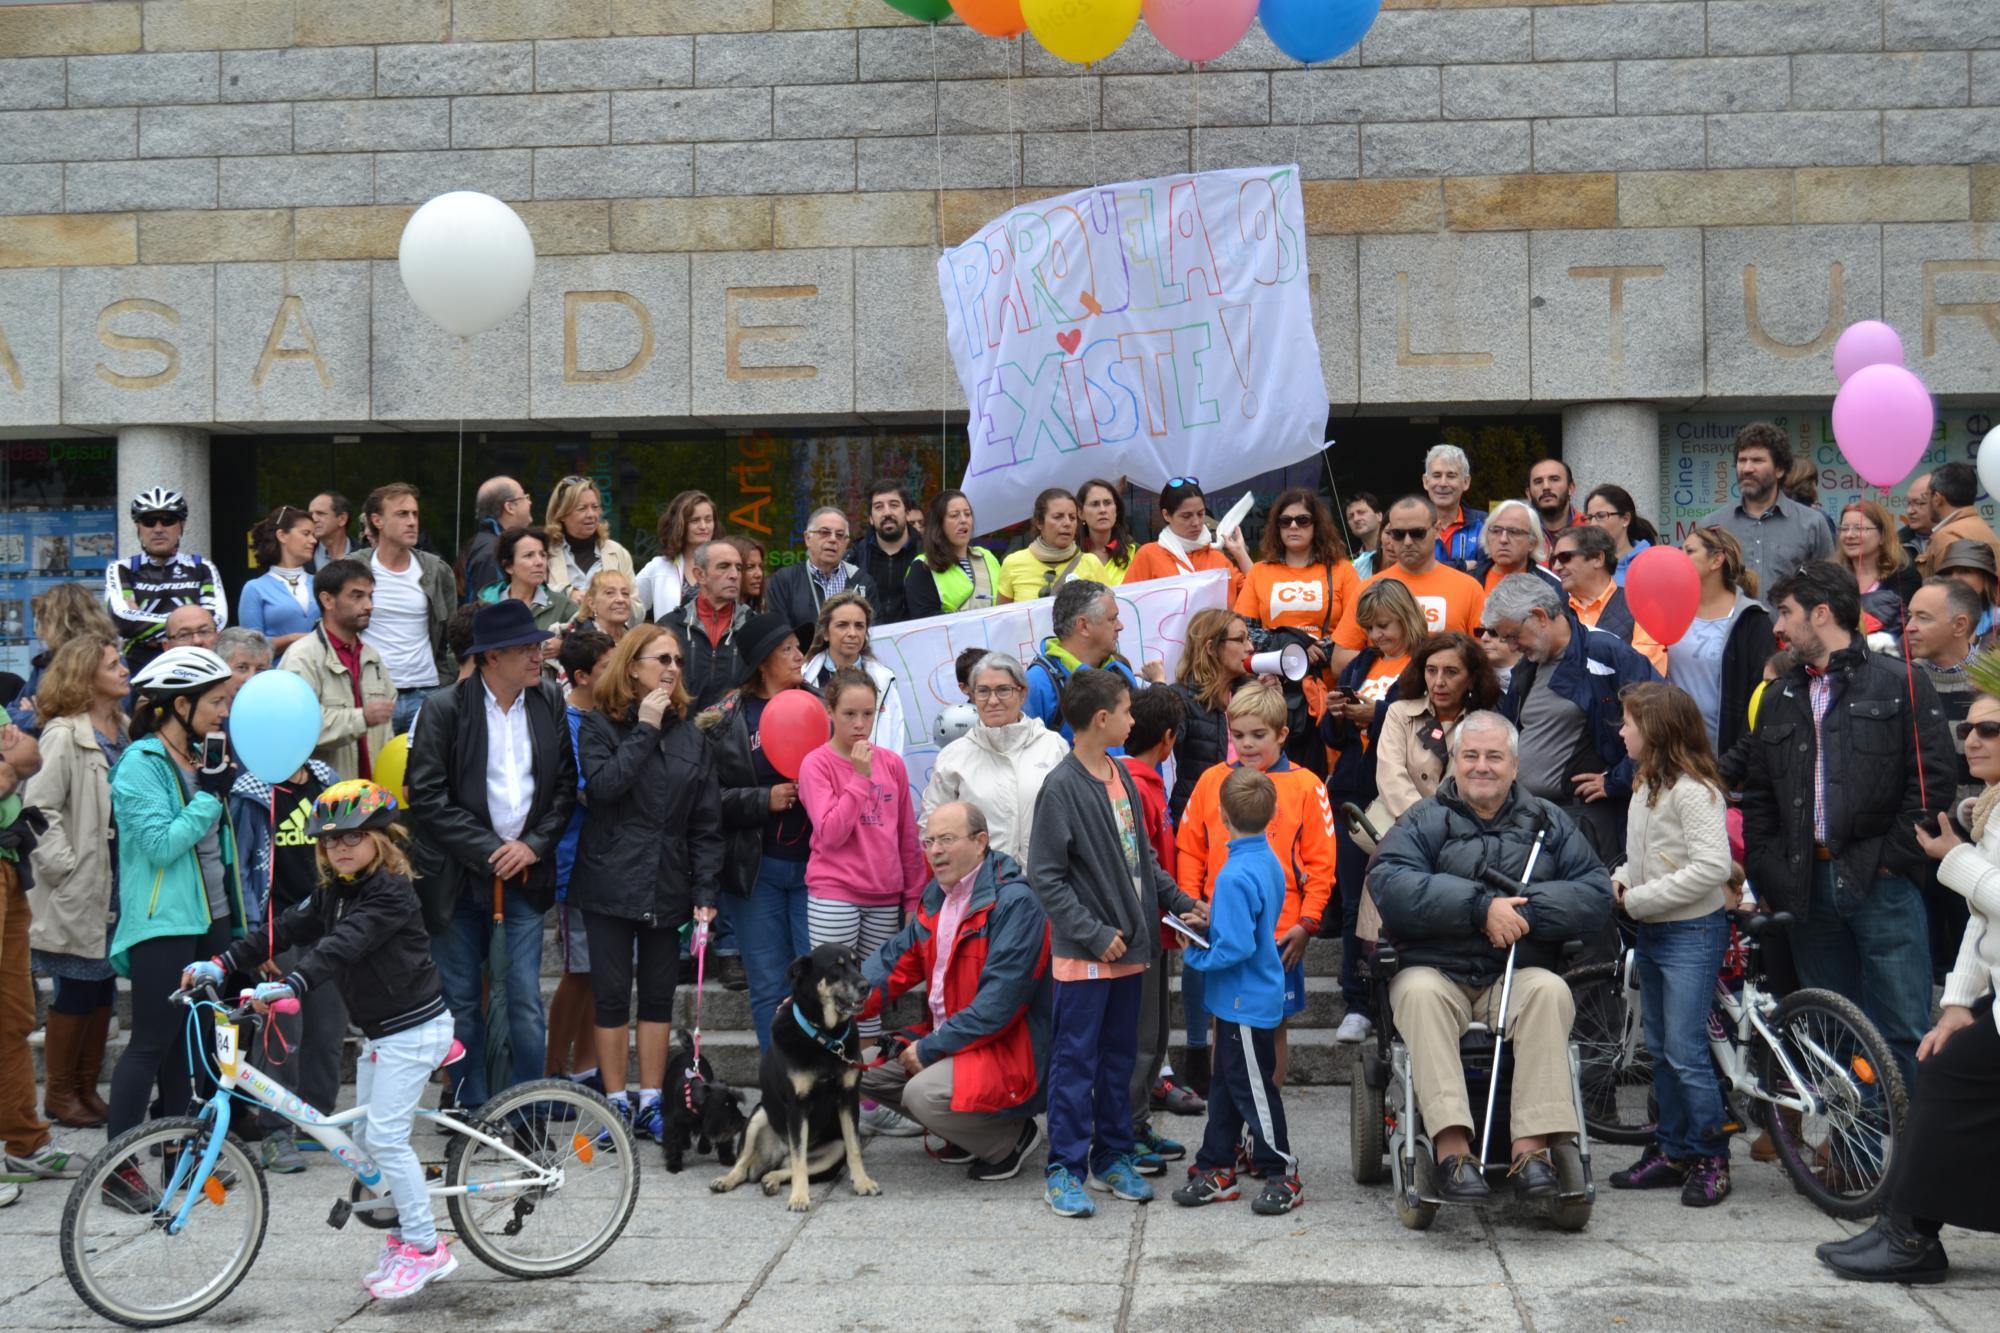 Parquelagos llega a la Colonia a pie y en bicicleta